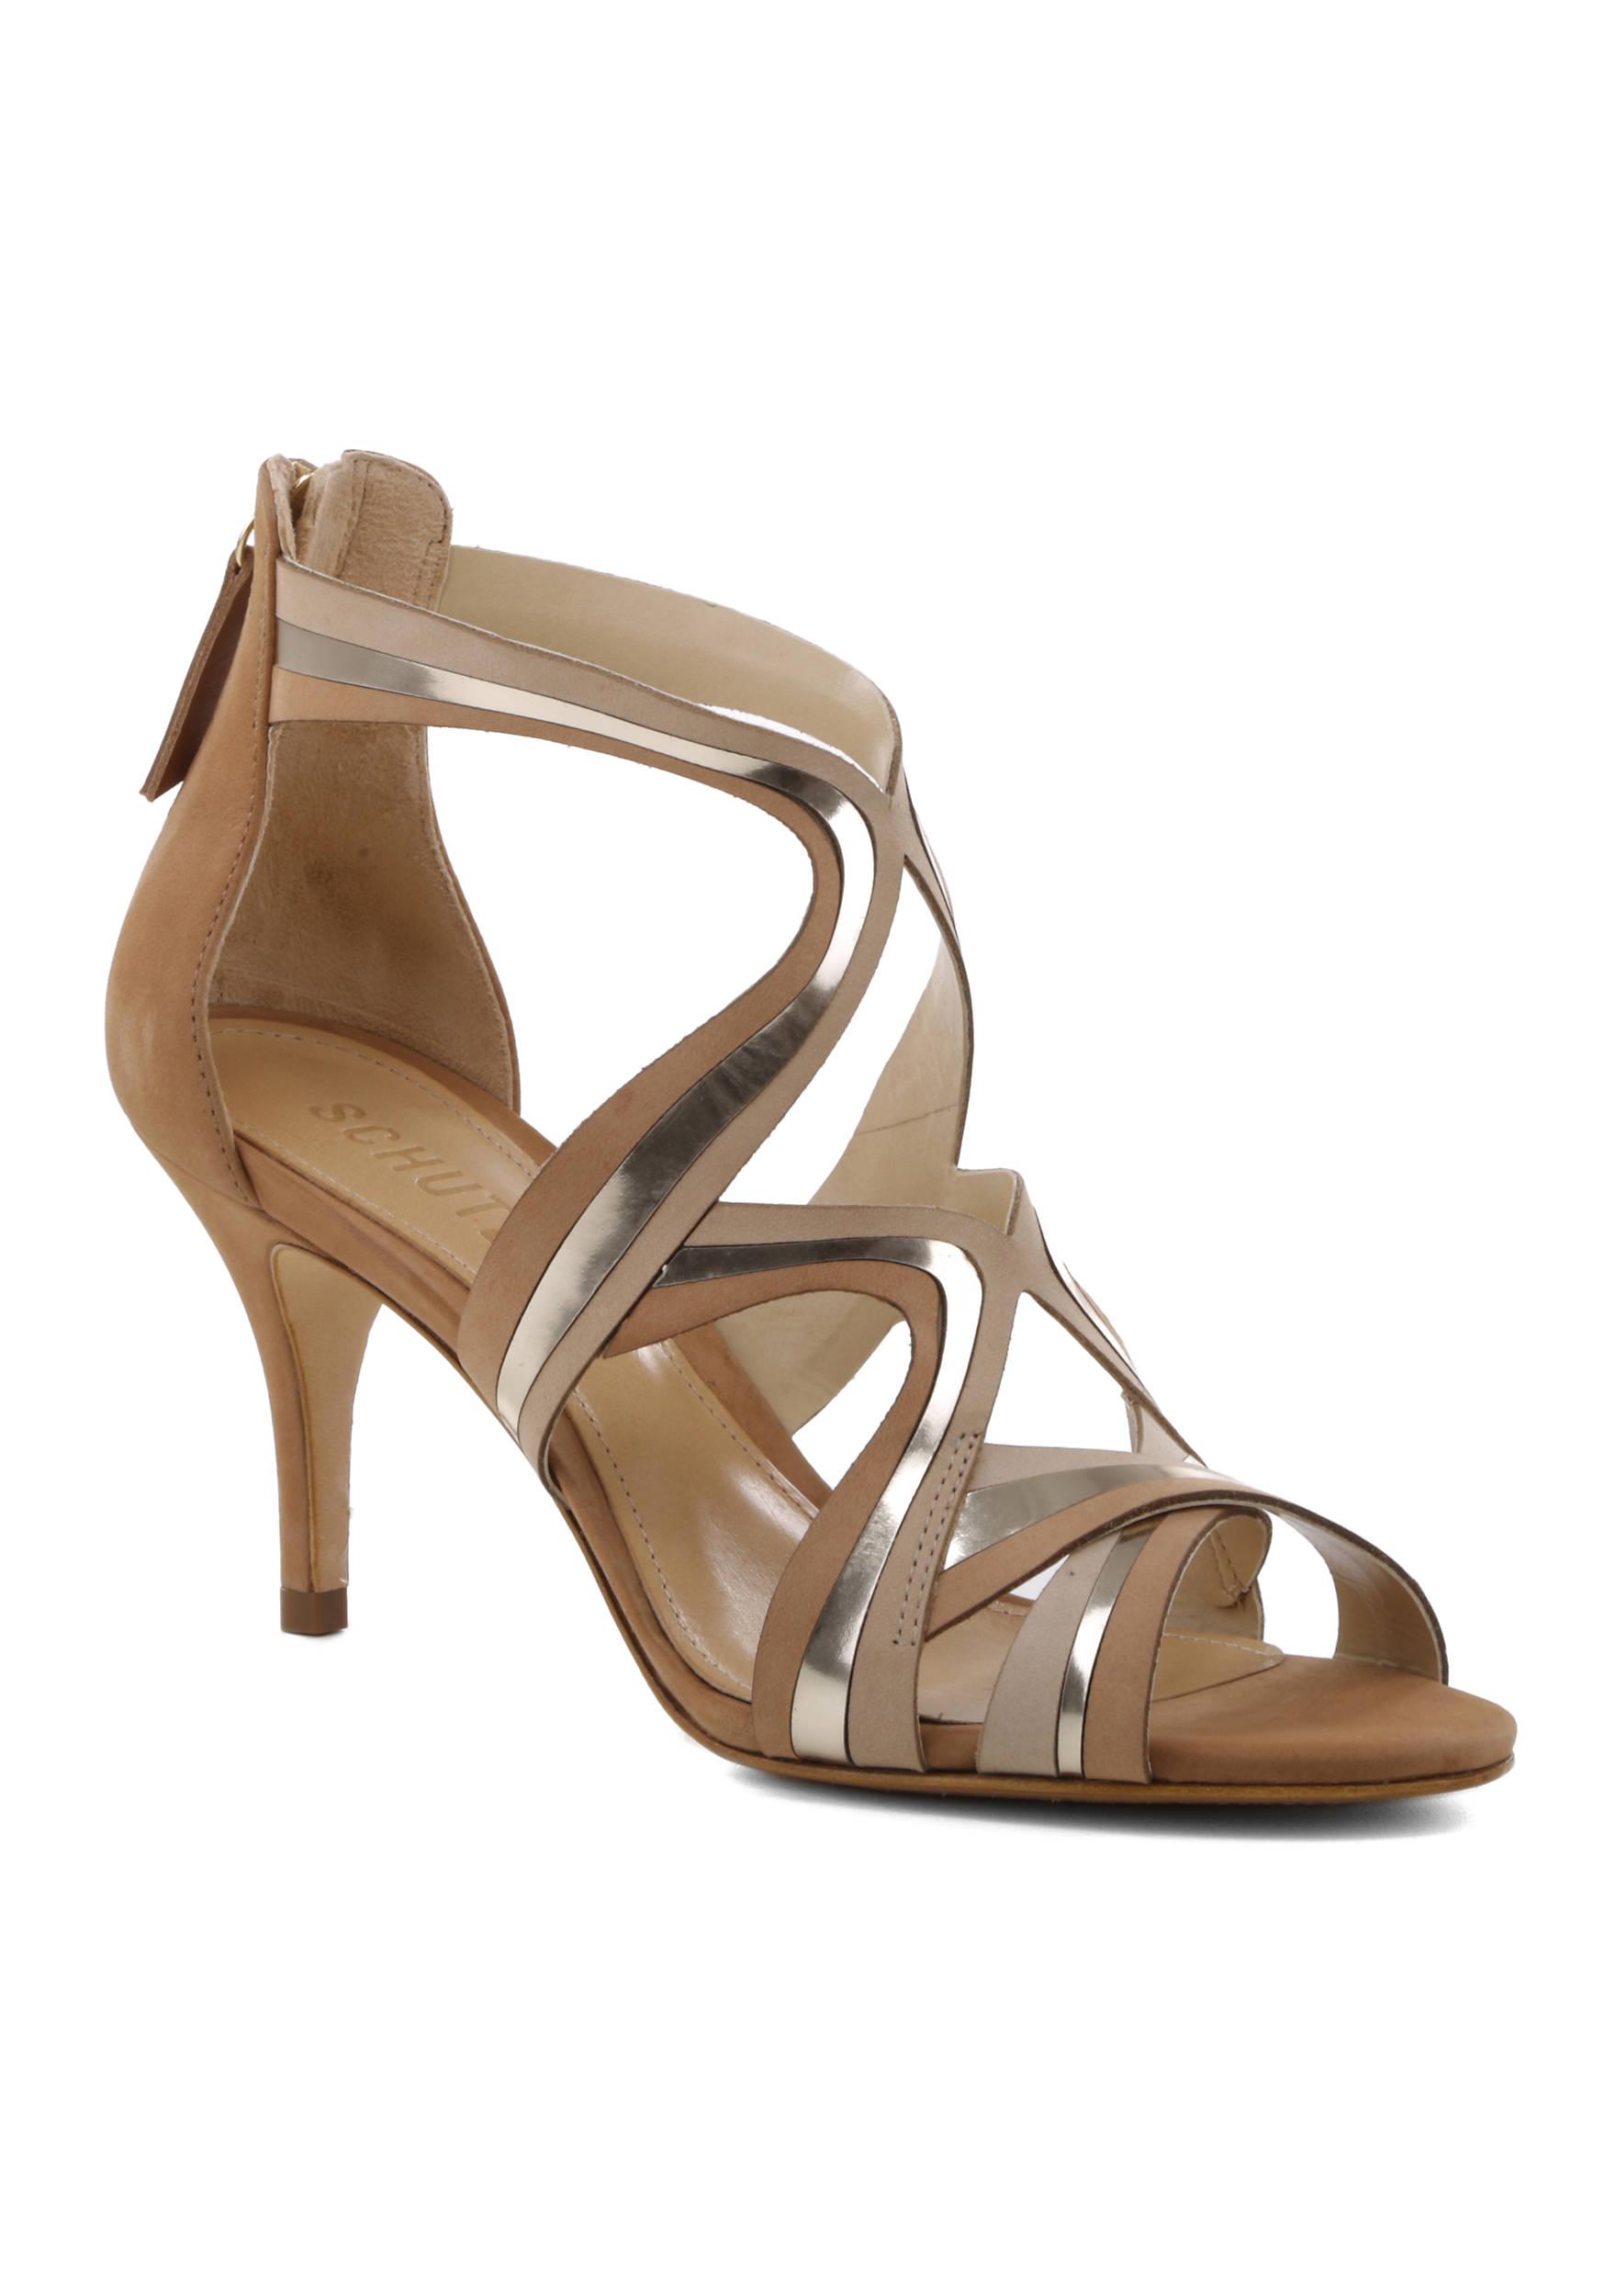 Schutz Cayenne Gladiator Zipper Peep Toe Slim Heel Desert Desert Desert Metallic Lined Sandal 1439d9